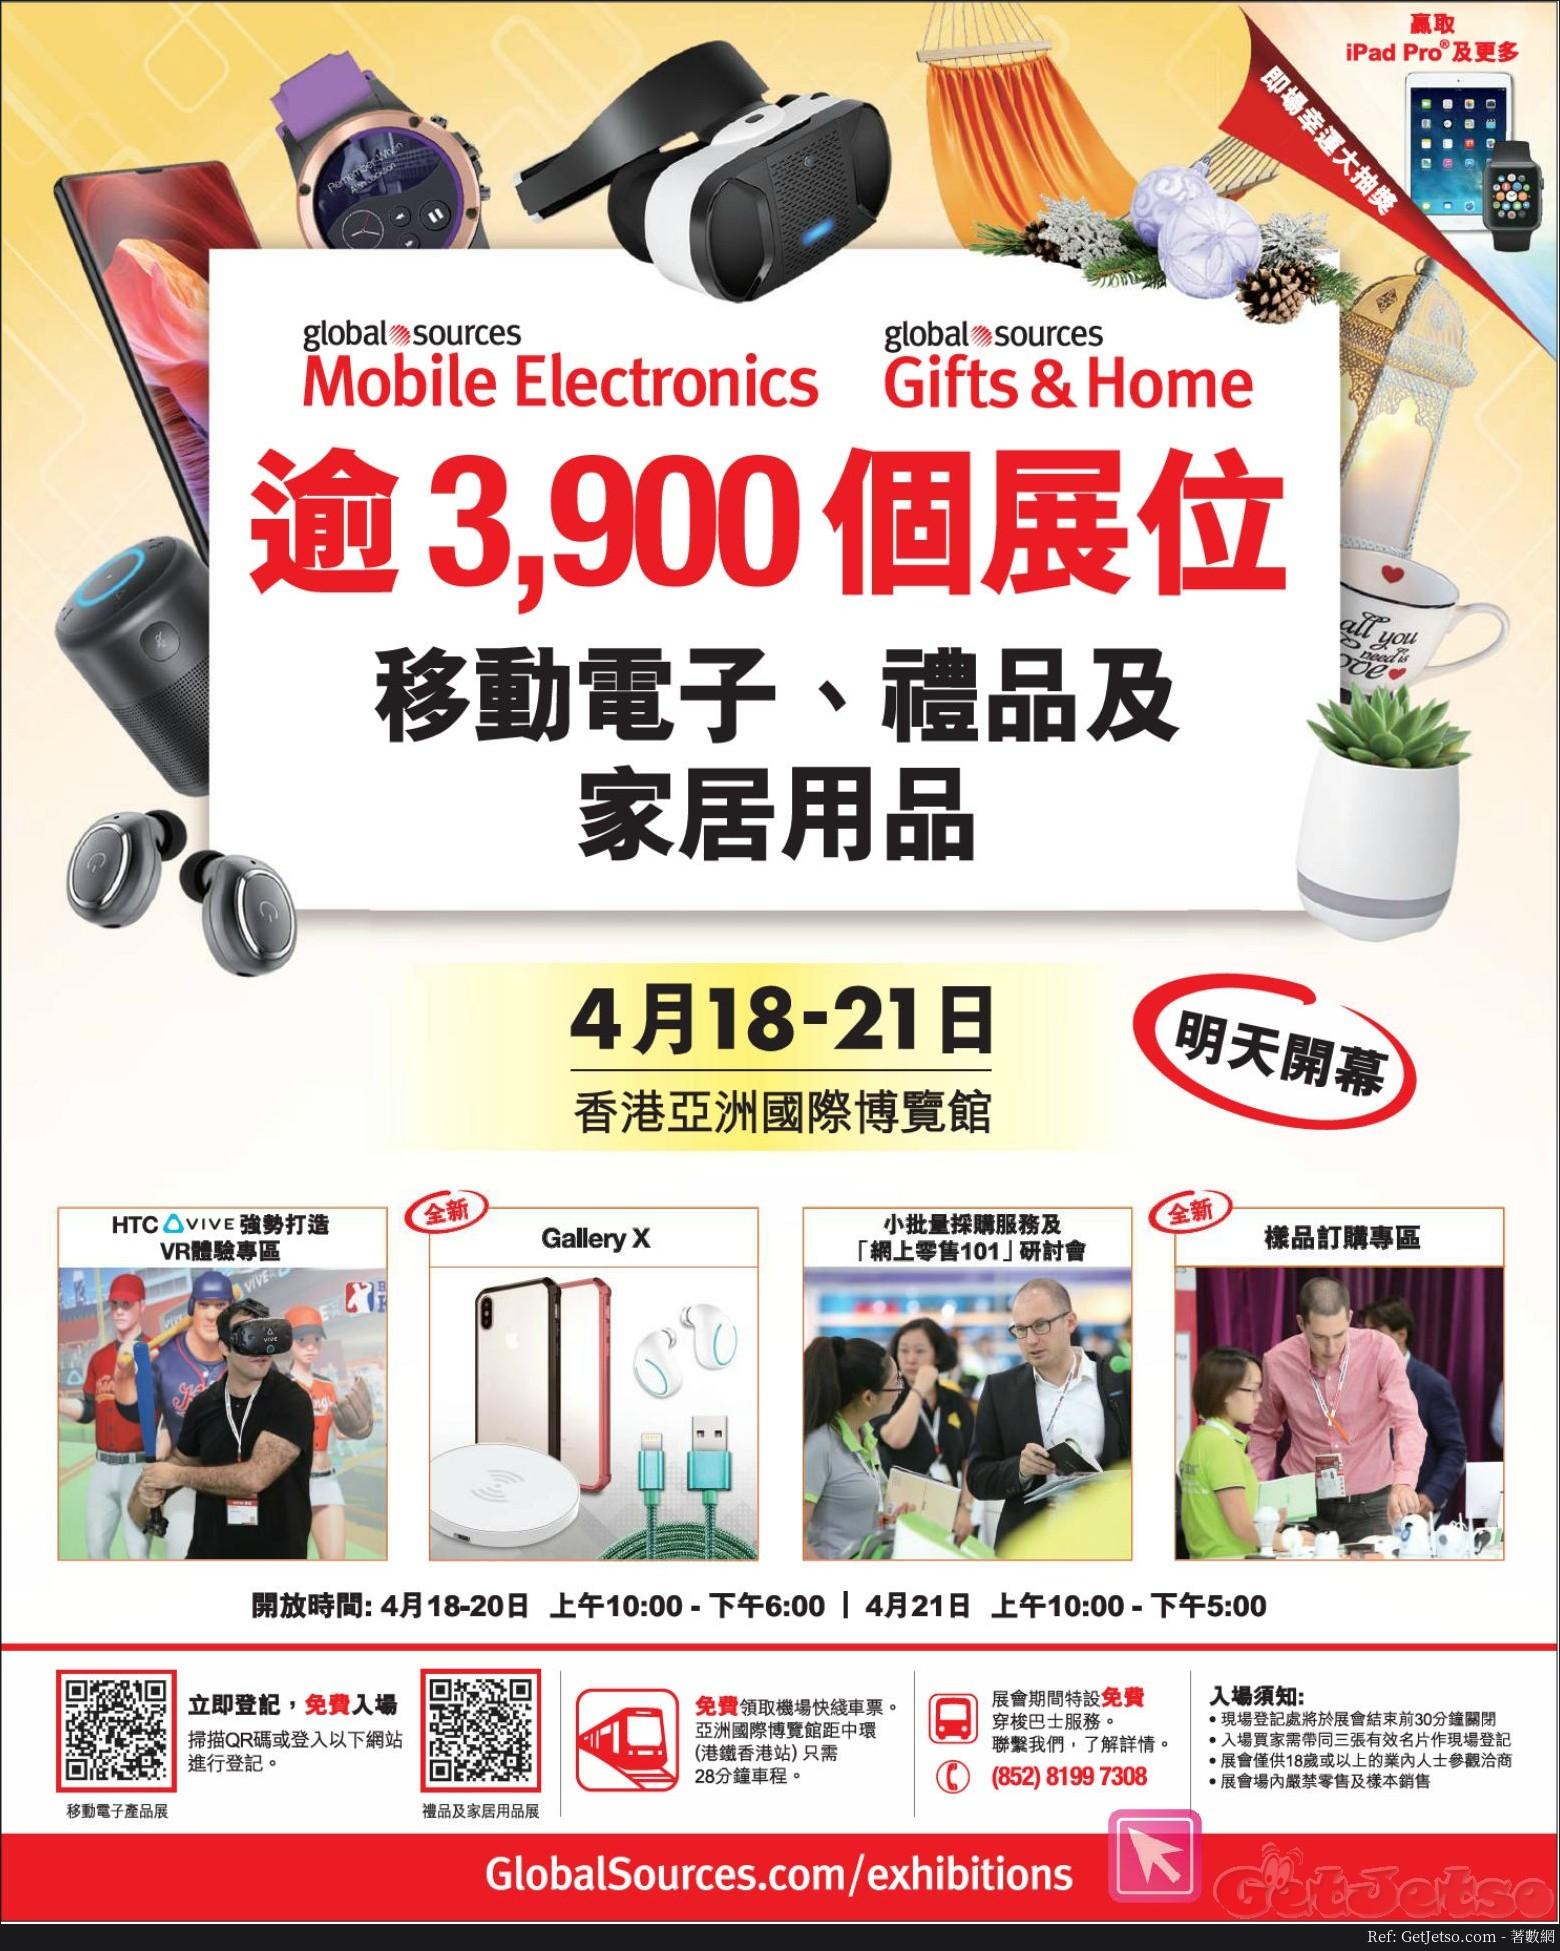 移動電子、禮品及家居用品展(18年4月18-21日)